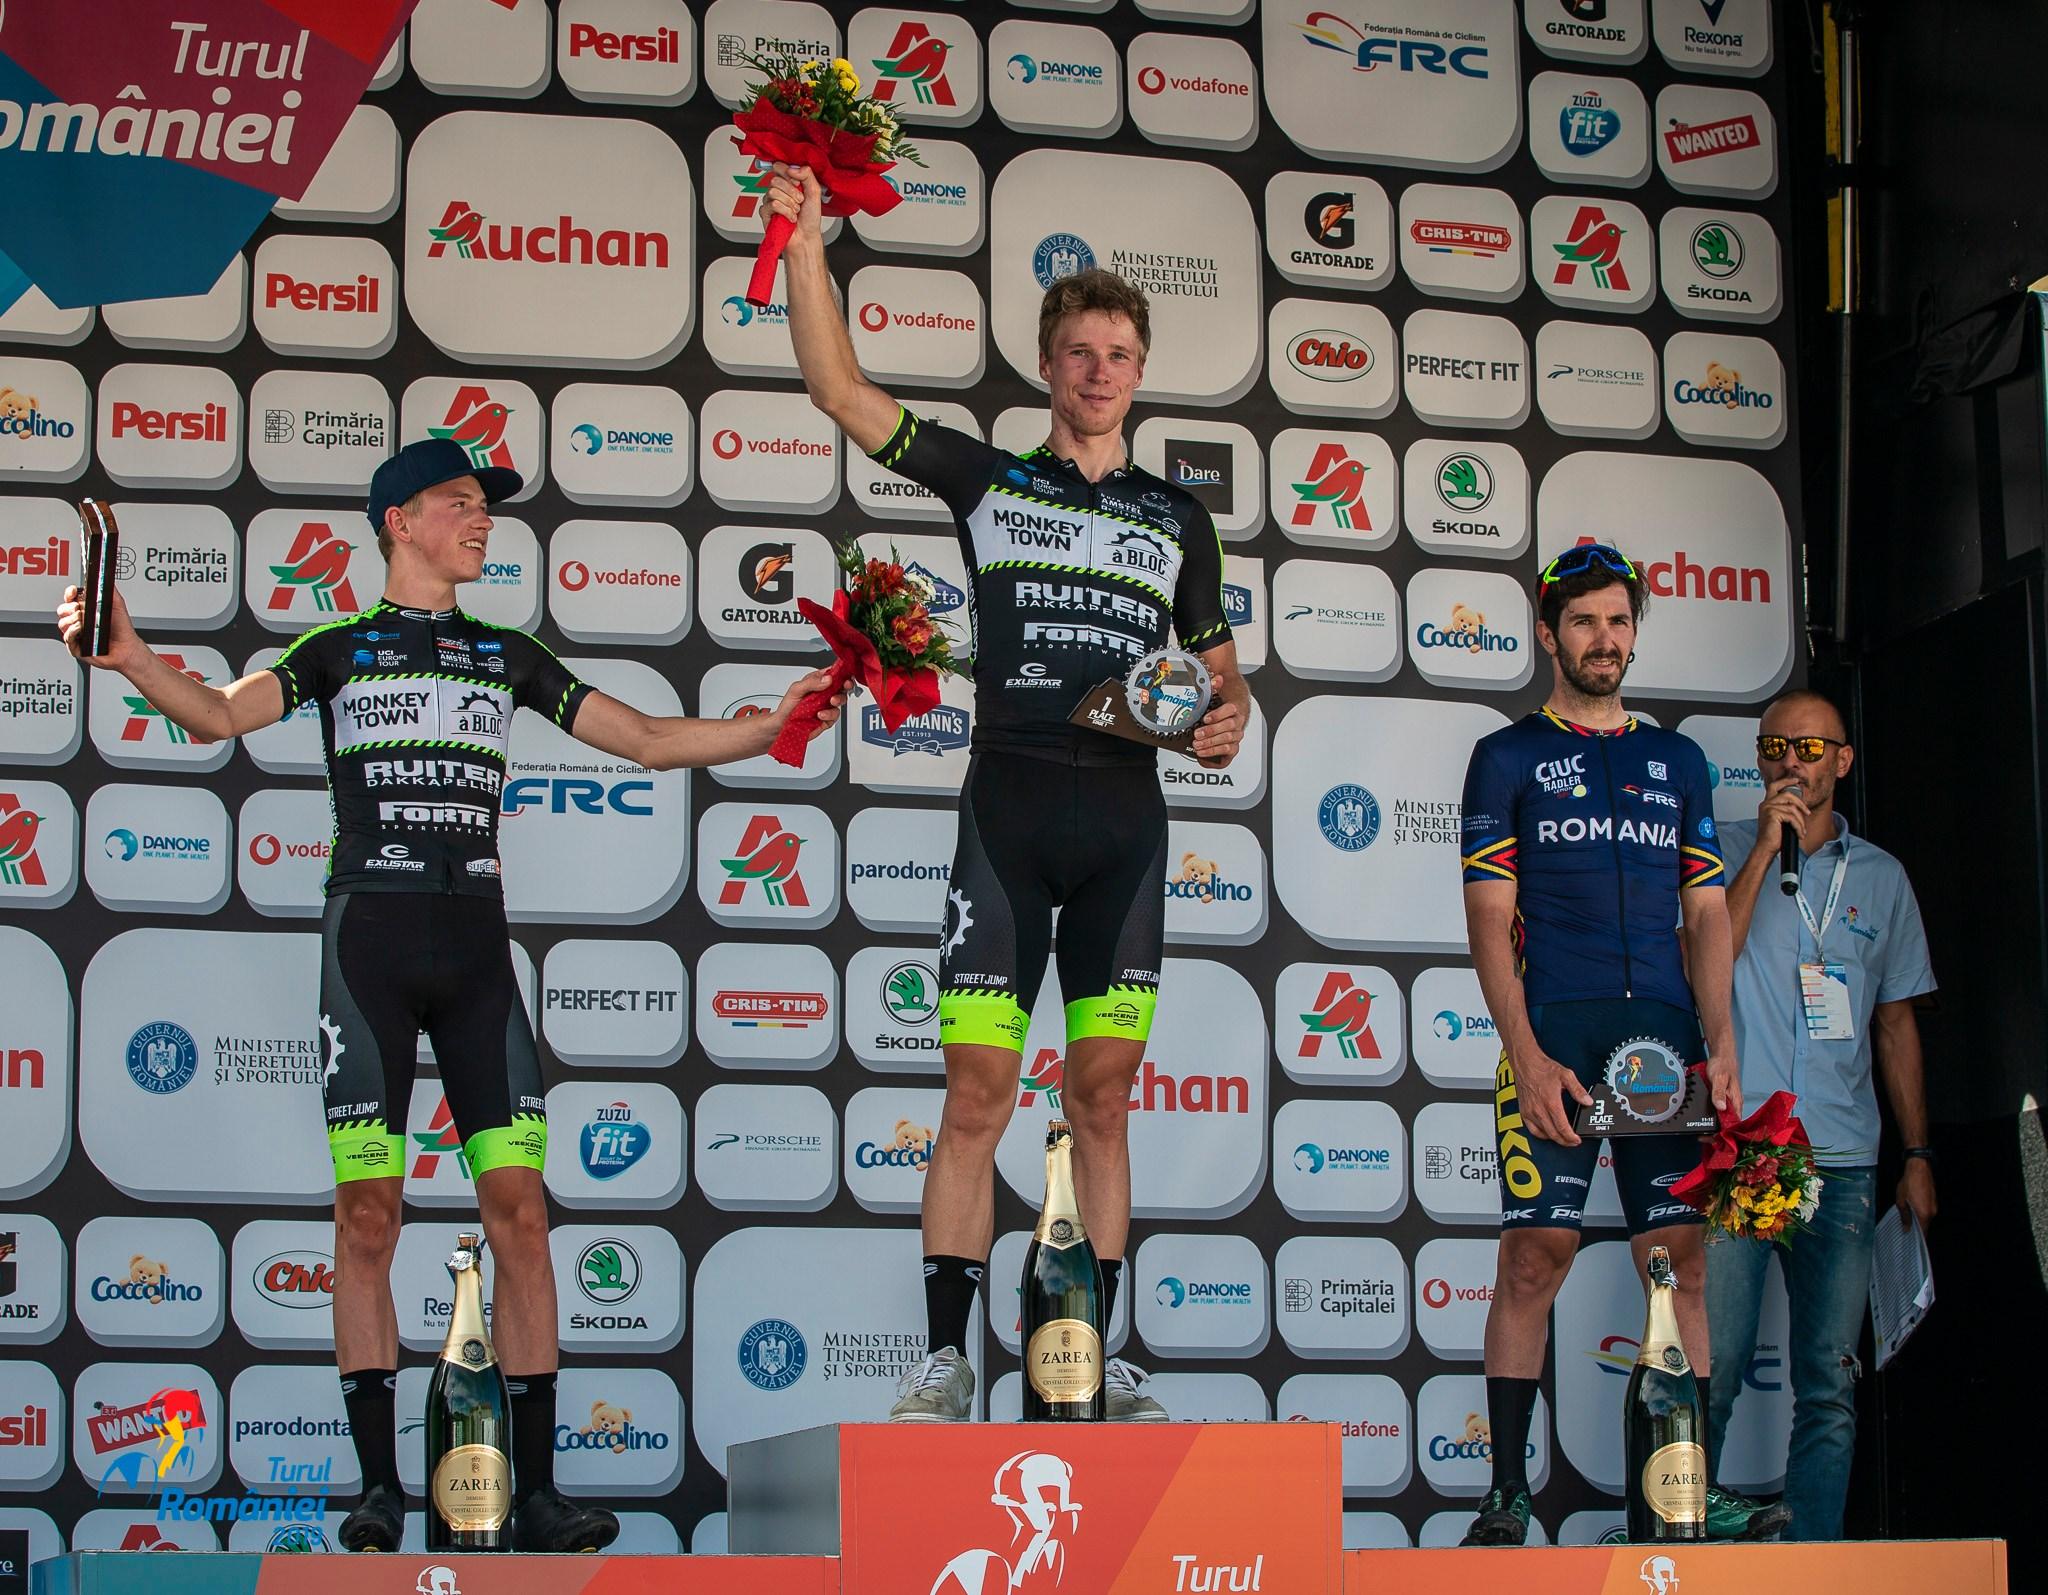 Turul Romaniei 2019 - podium etapa 1